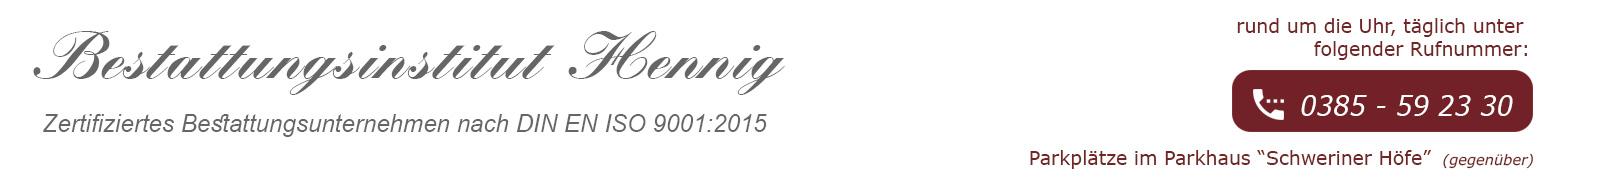 bestattungen-hennig-schwerin-banner